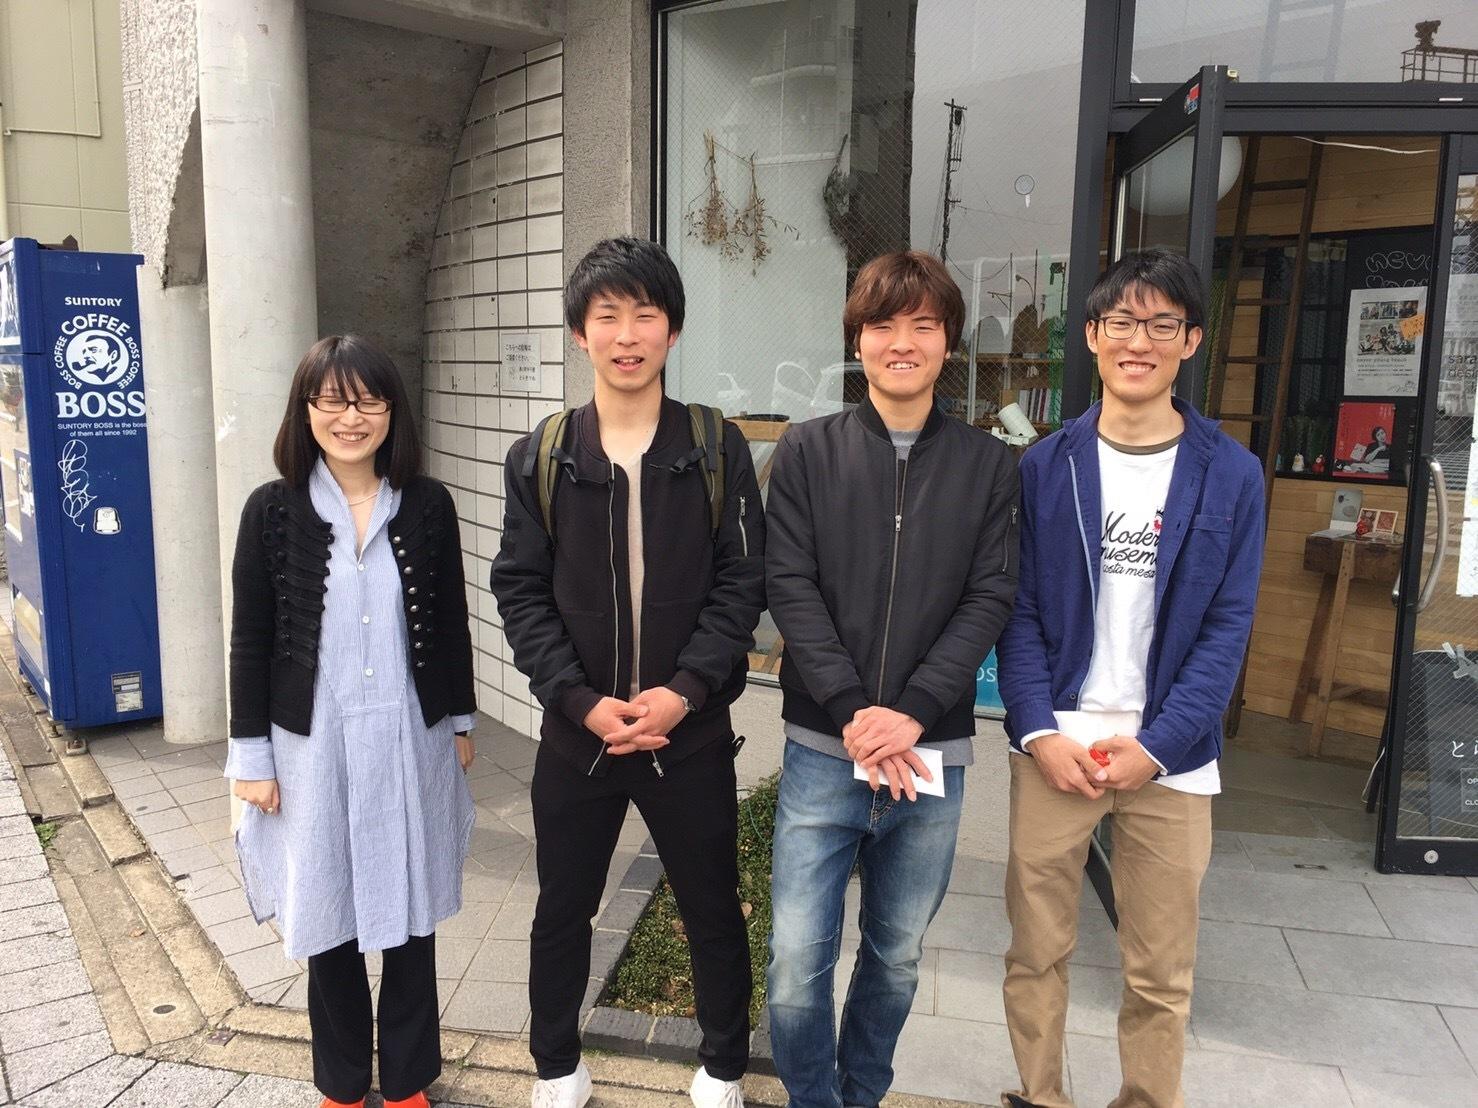 中学コース、高校コースの送別会が開かれました。_d0116009_14091684.jpg